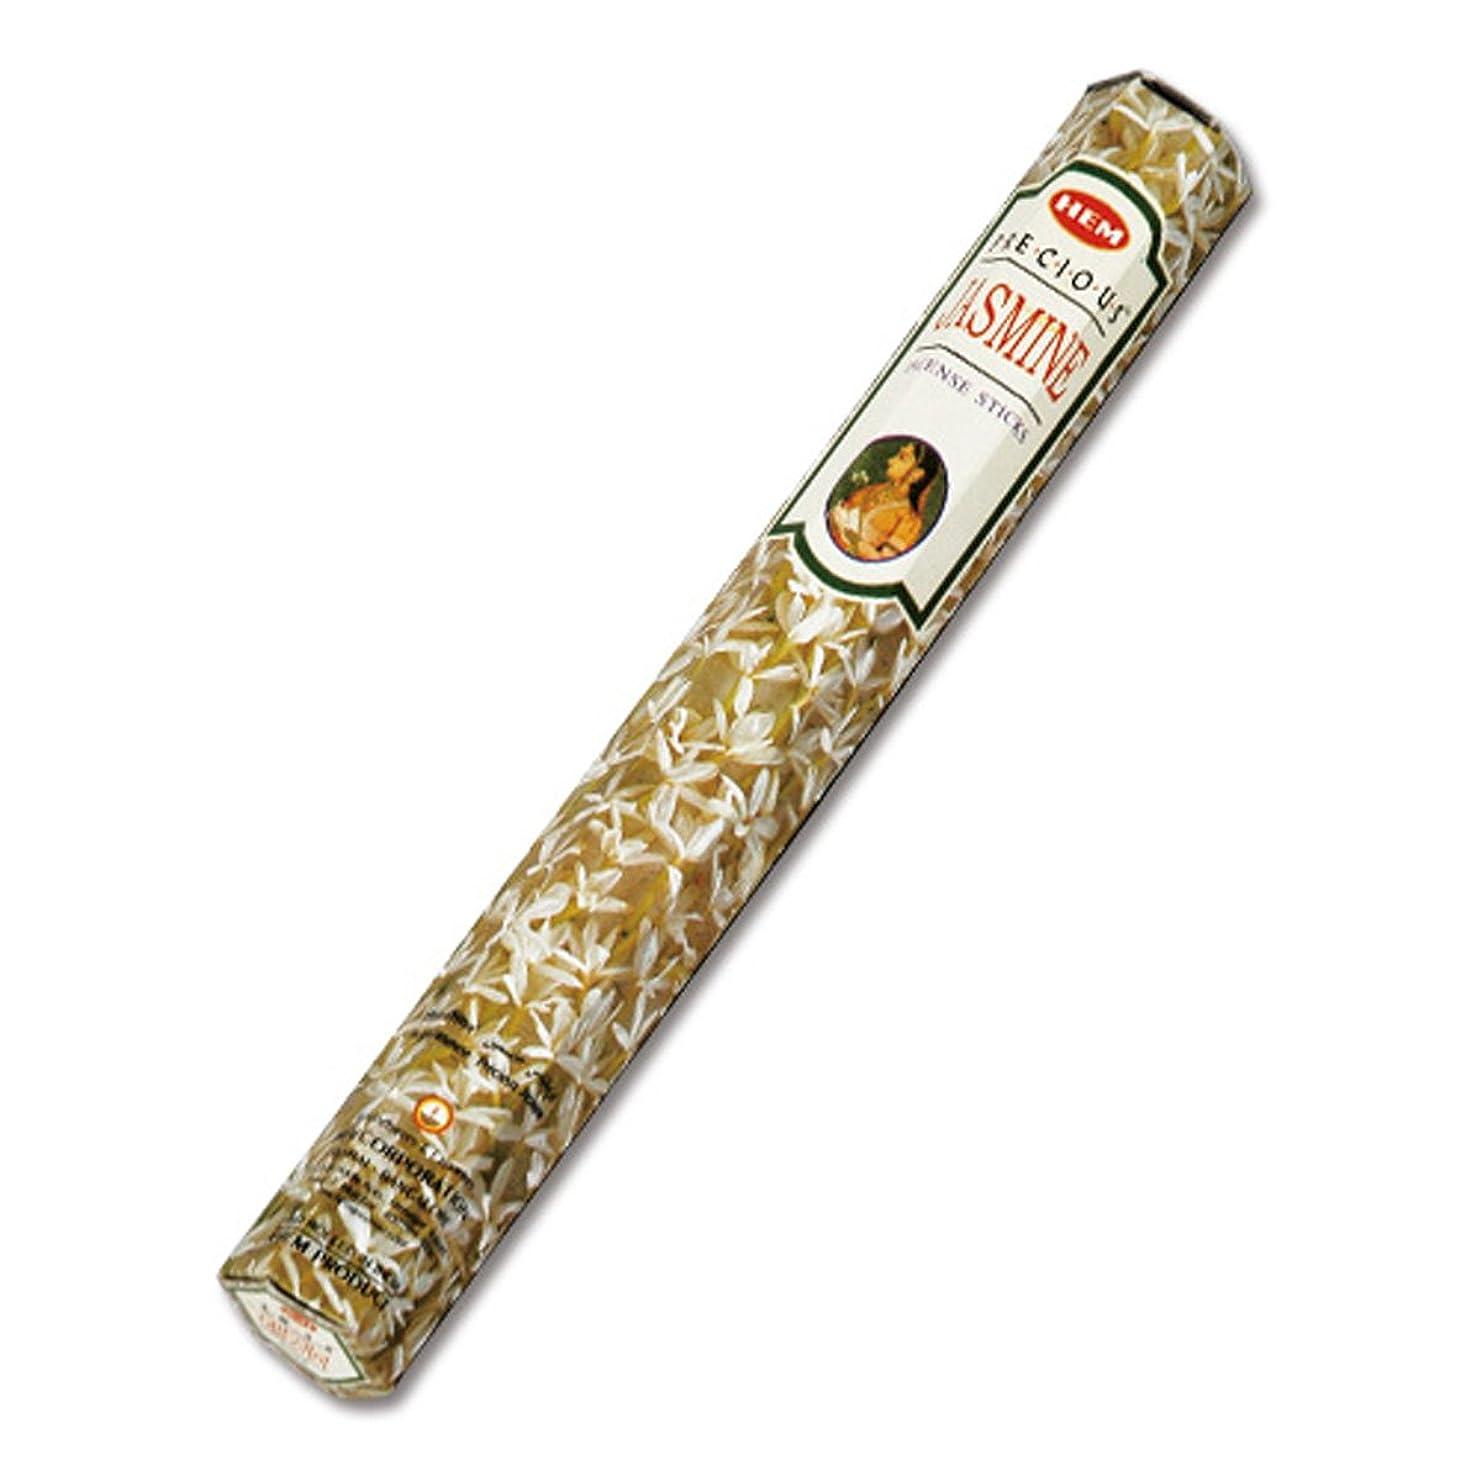 討論汚染された横にHEM(ヘム) ジャスミン JASMINE スティックタイプ お香 1筒 単品 [並行輸入品]